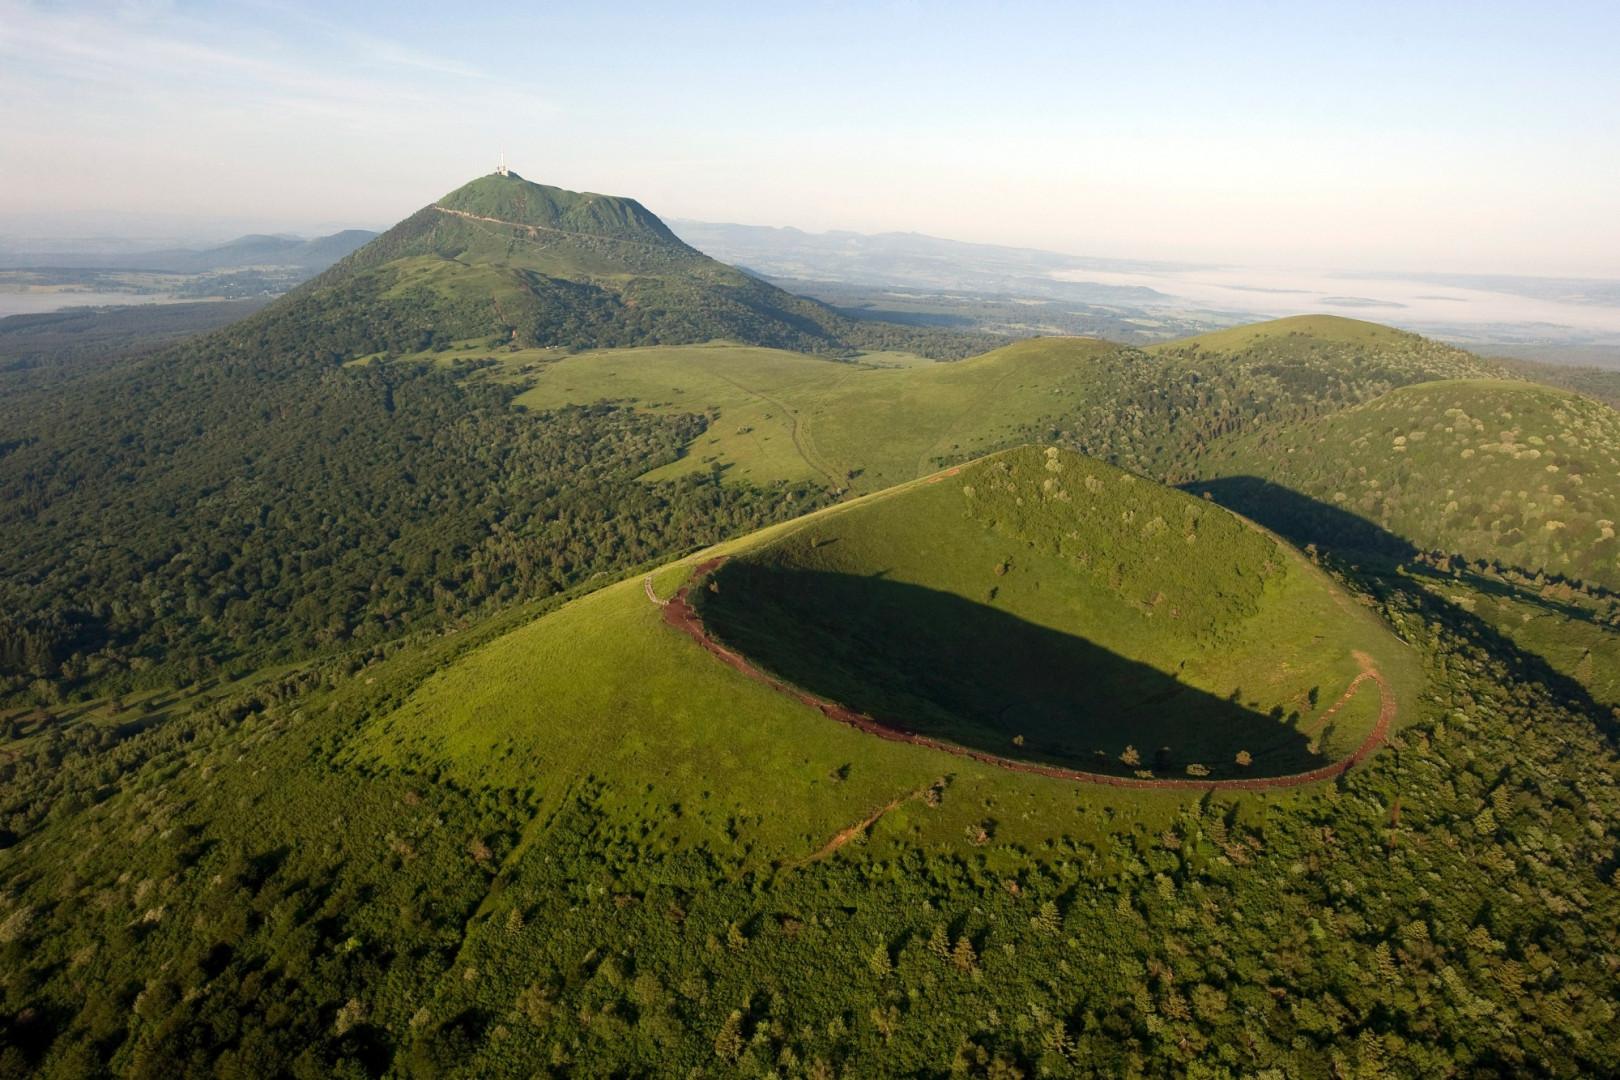 La Chaîne des Puys, avec la faille de la Limagne, haut lieu tectonique en France